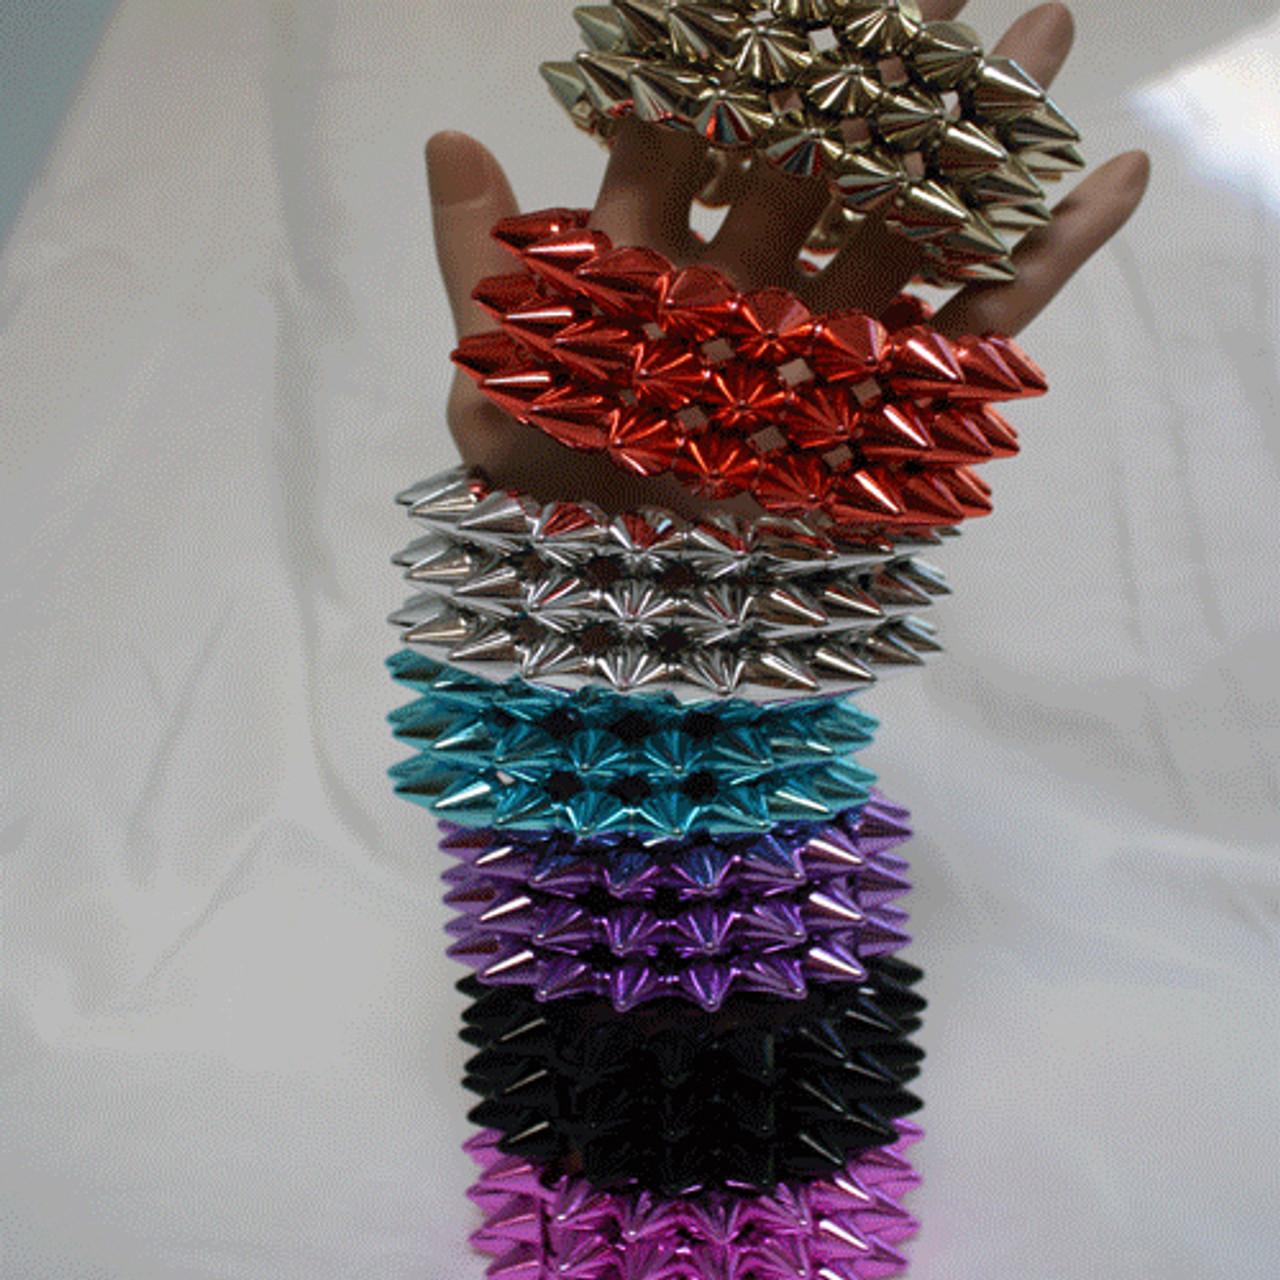 Wholesale spiked bracelets